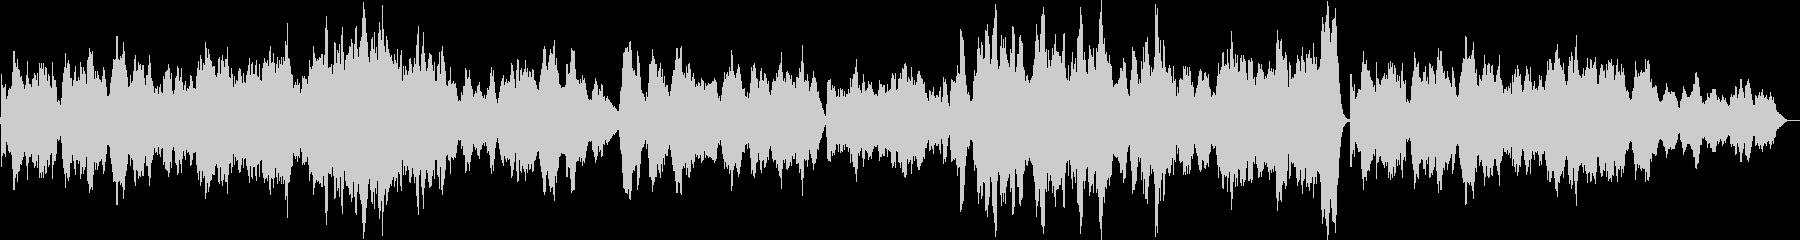 悲劇的な弦楽四重奏の未再生の波形